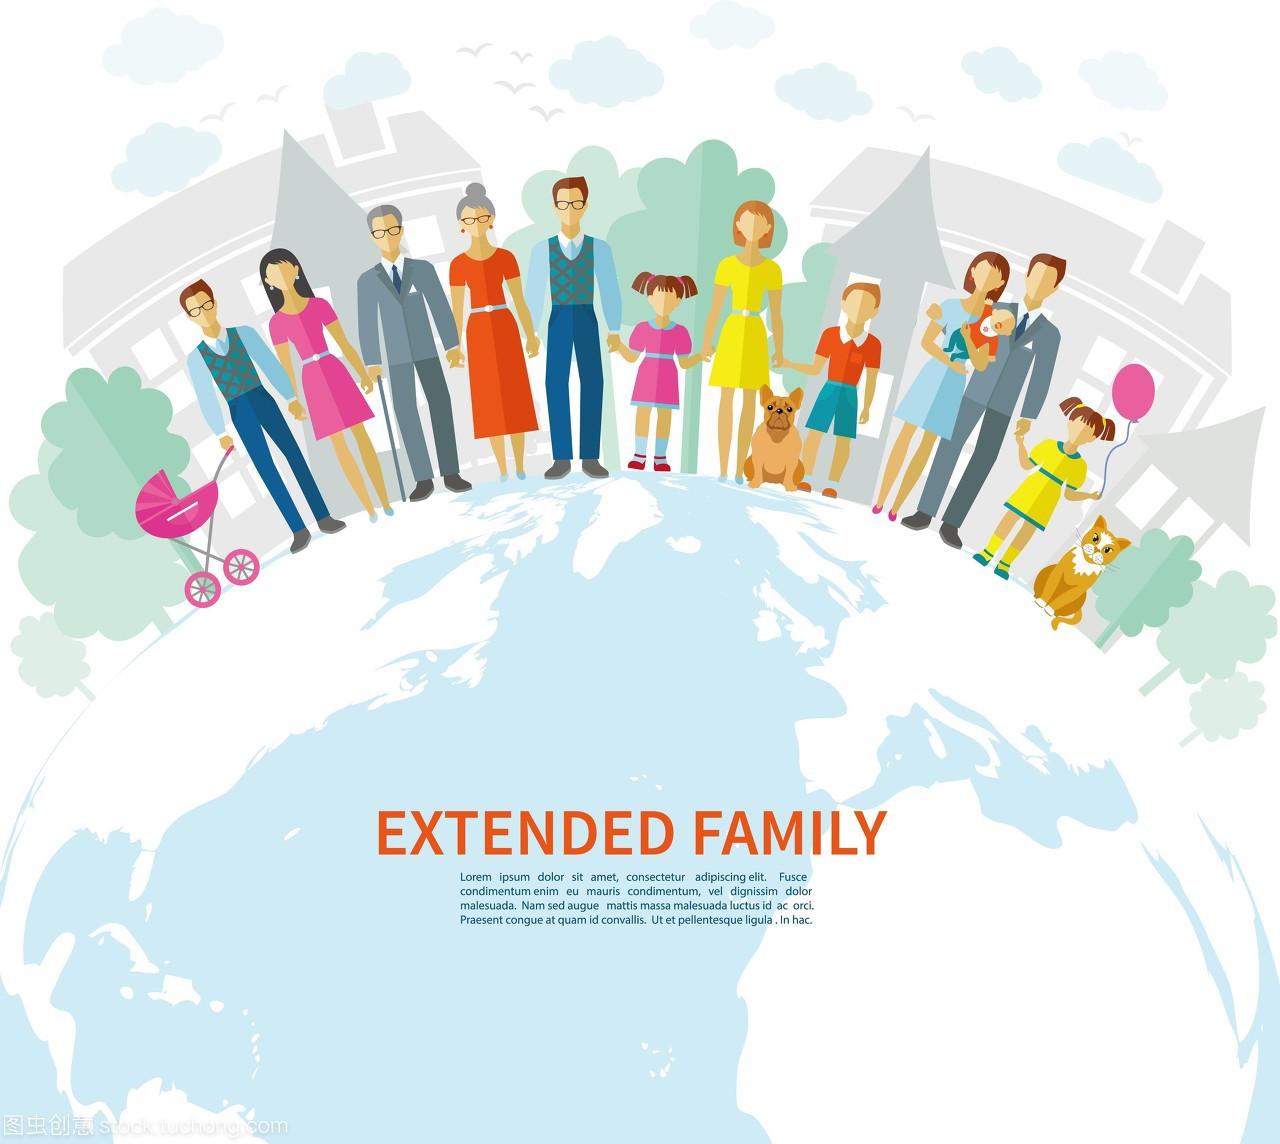 友们,夫妻,适合,一起,伴侣,爱,女生,男孩,父亲,家格斗团结母亲学的图片